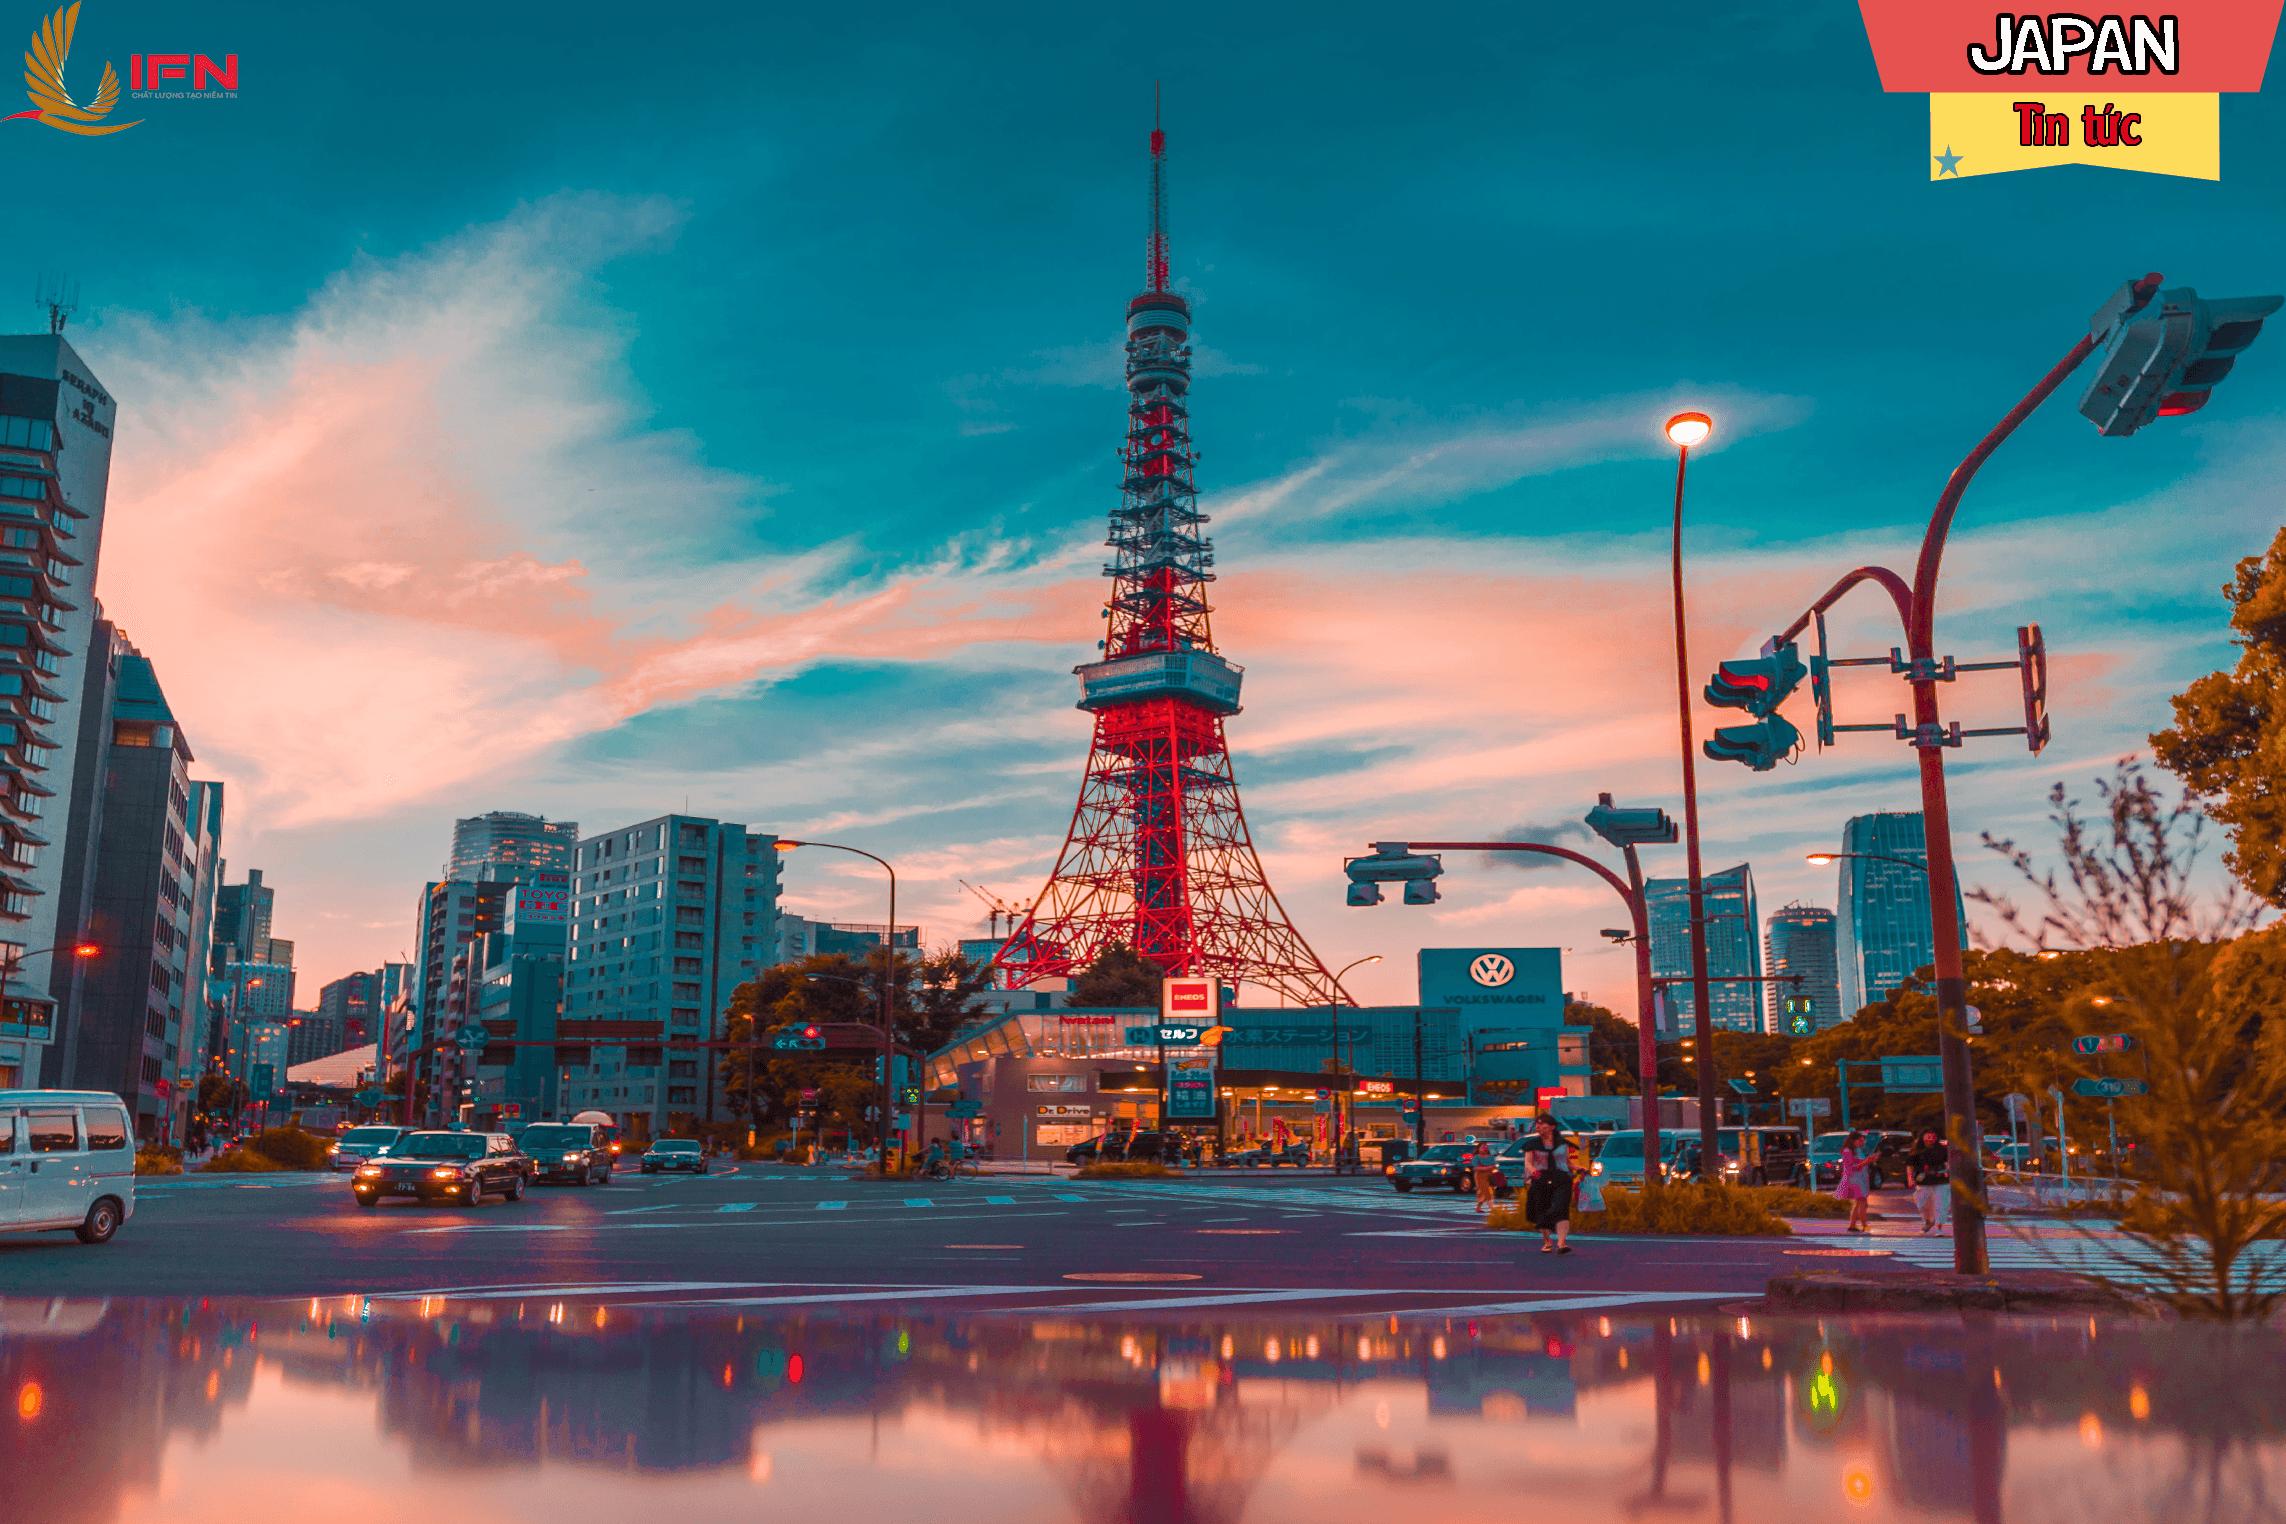 Nhật Bản - đất nước mặt trời mọc